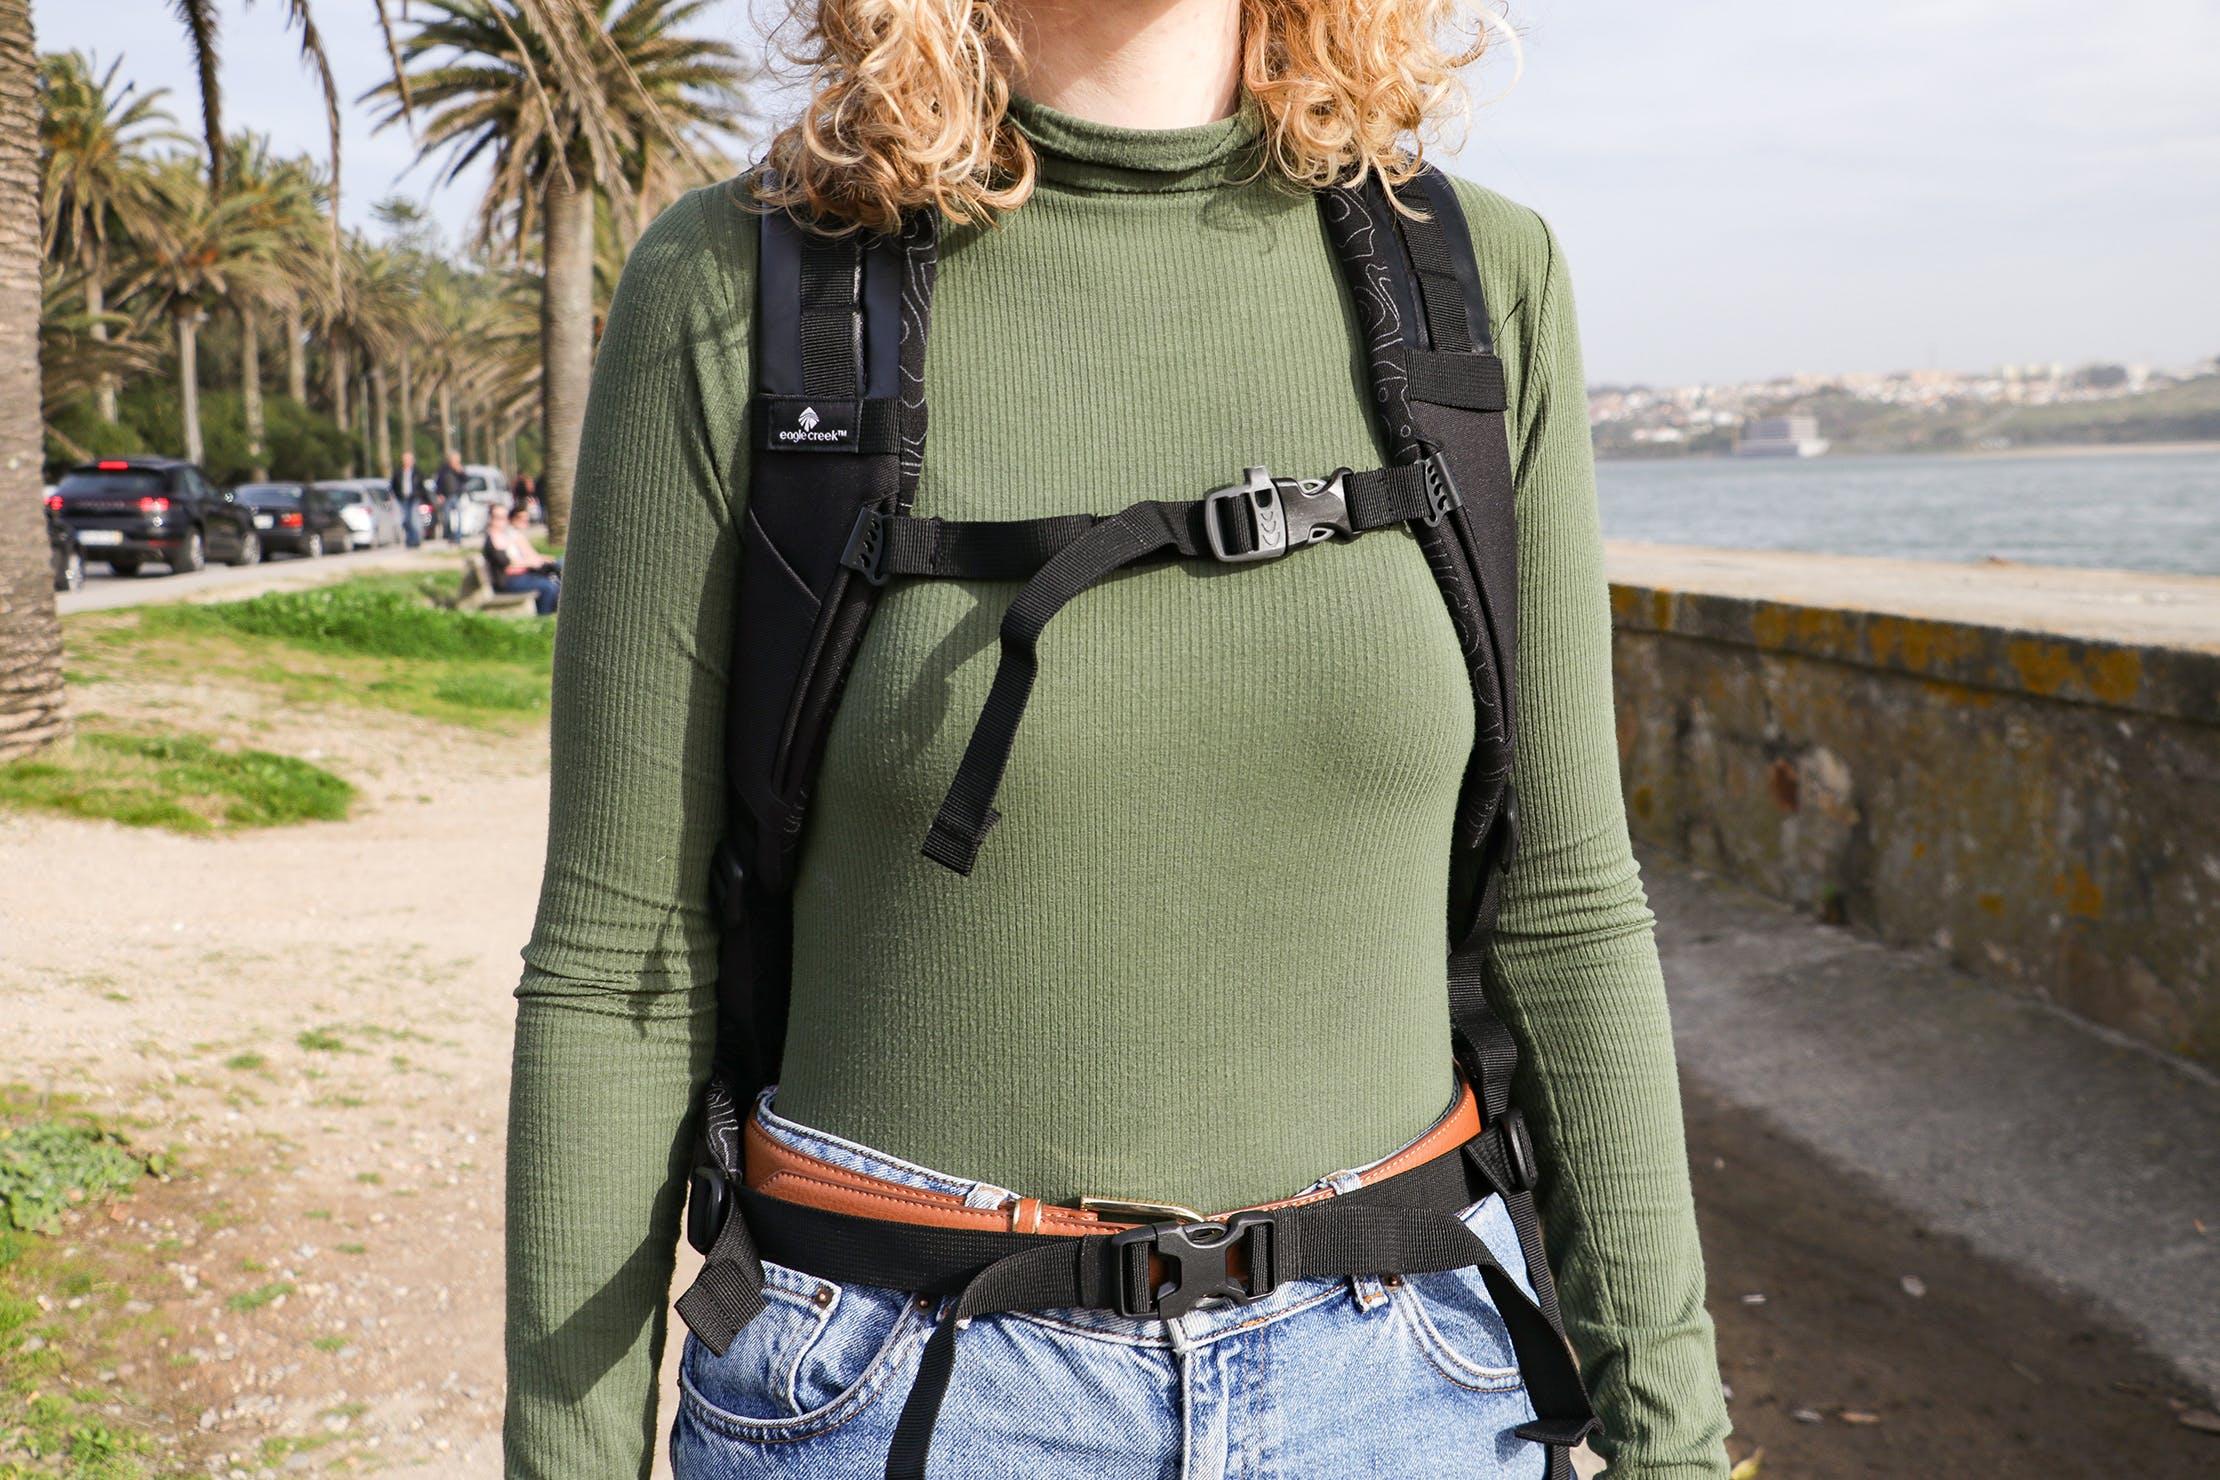 Eagle Creek Wayfinder Backpack 40L Sternum Strap & Hip Belt